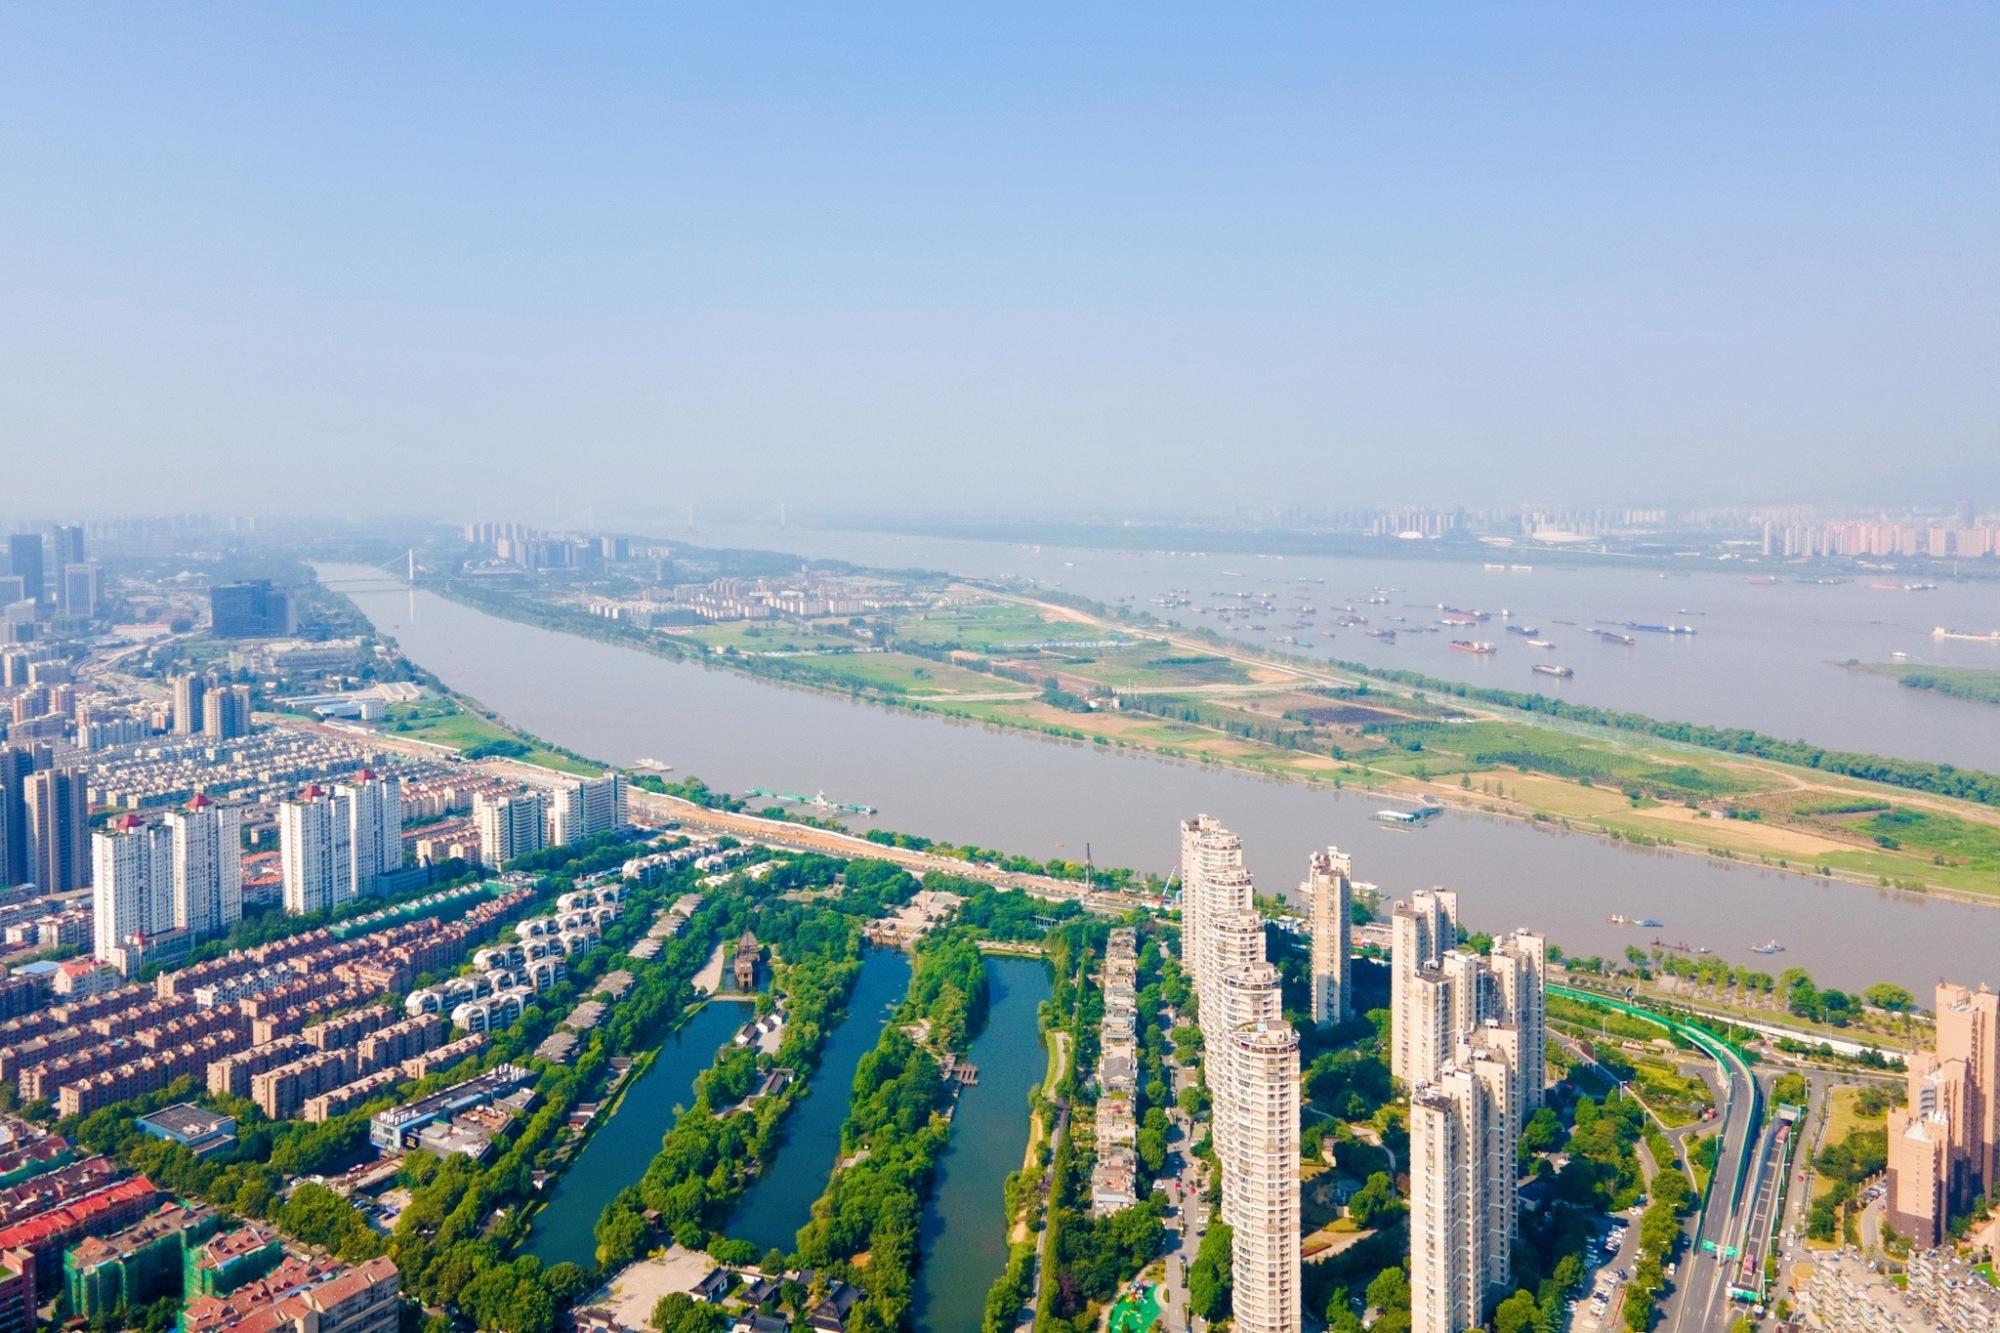 南京河西新城,华东第二大中央商务区,高楼林立景色也很美